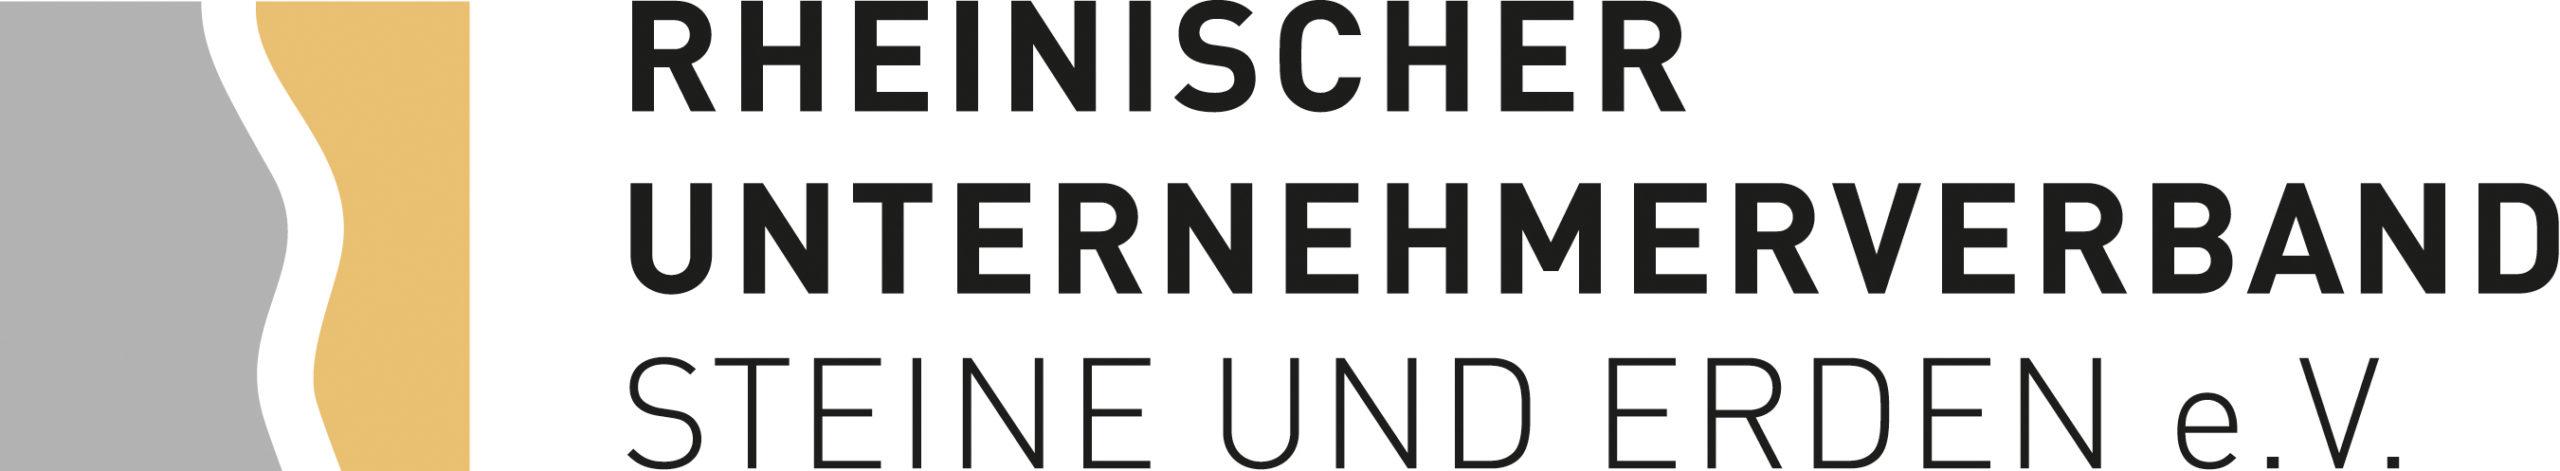 Rheinischer Unternehmerverband Steine und Erden e. V.